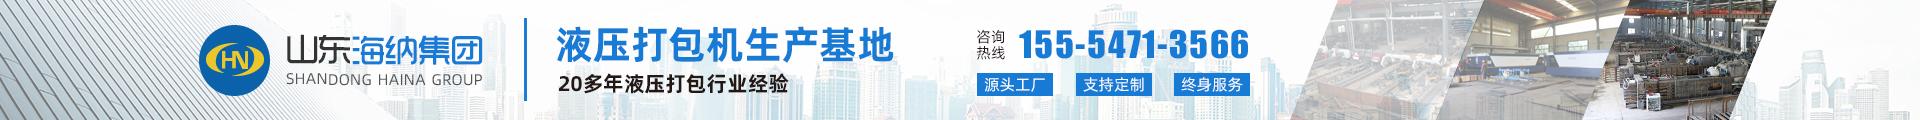 山东海纳机械设备集团有限公司